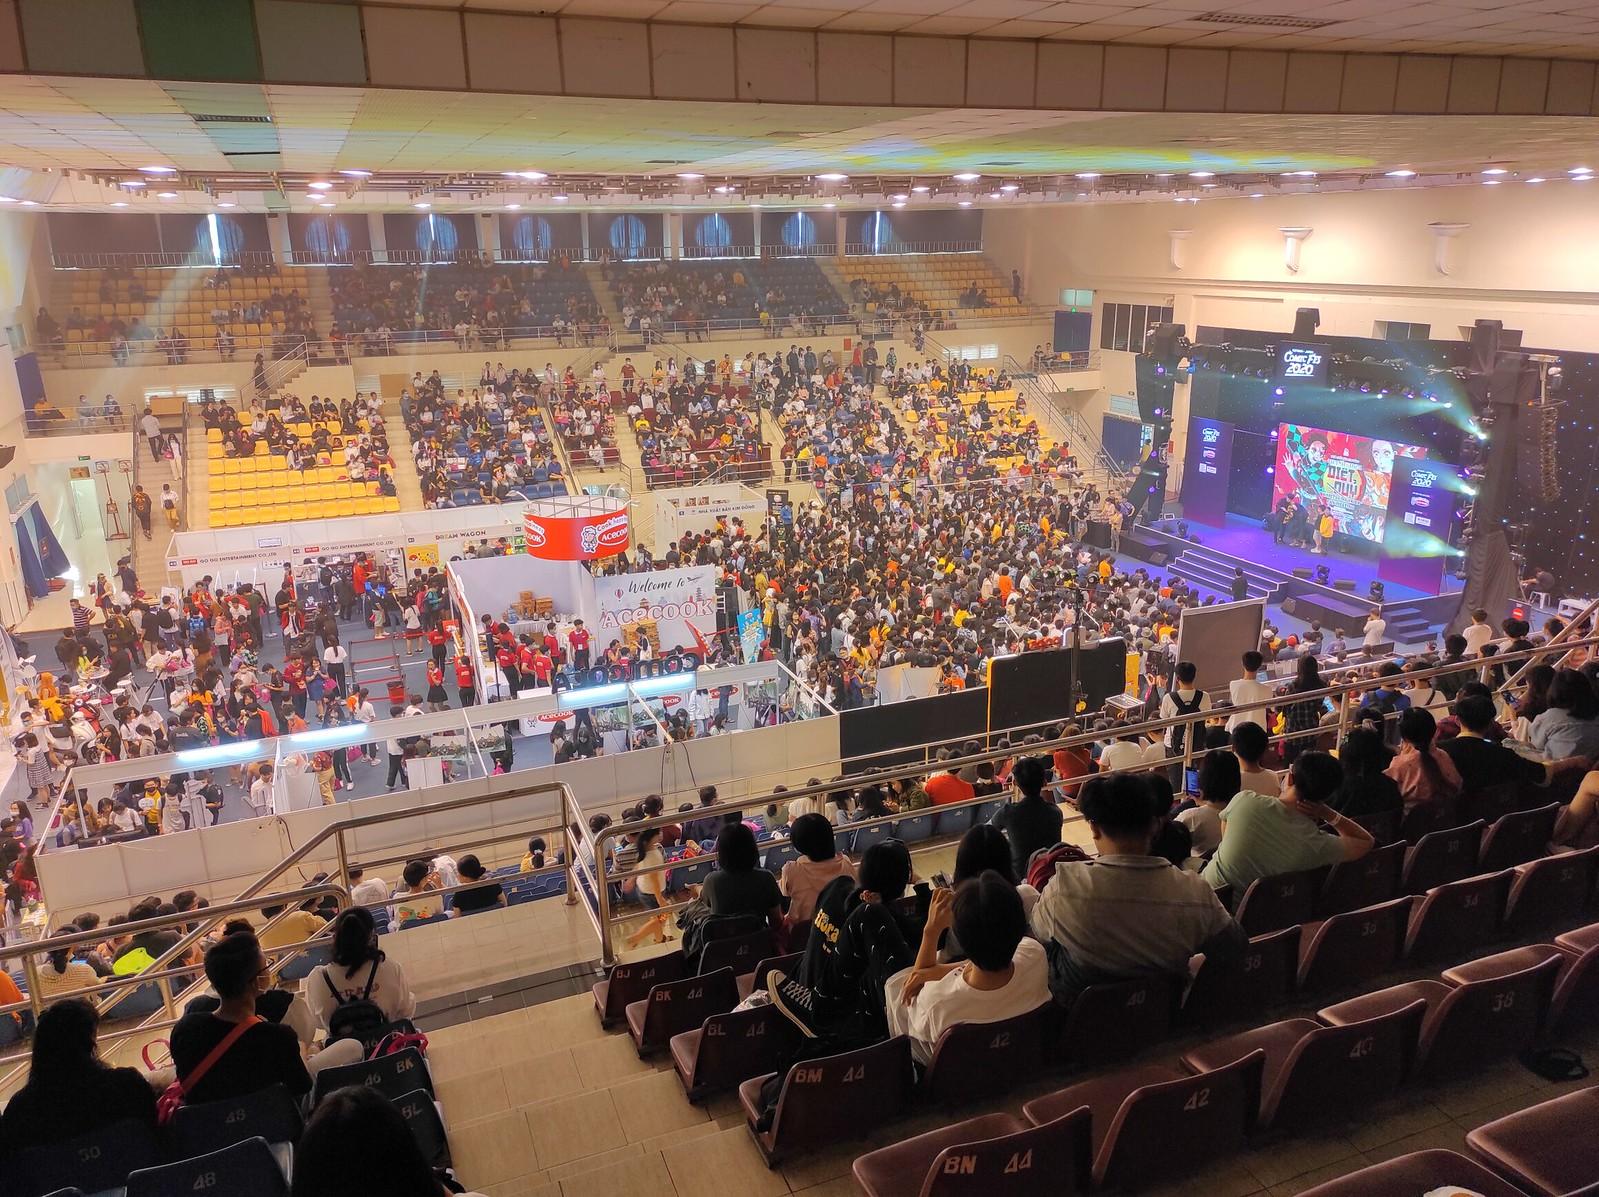 鬼滅の刃イベントin HCM, Vietnam